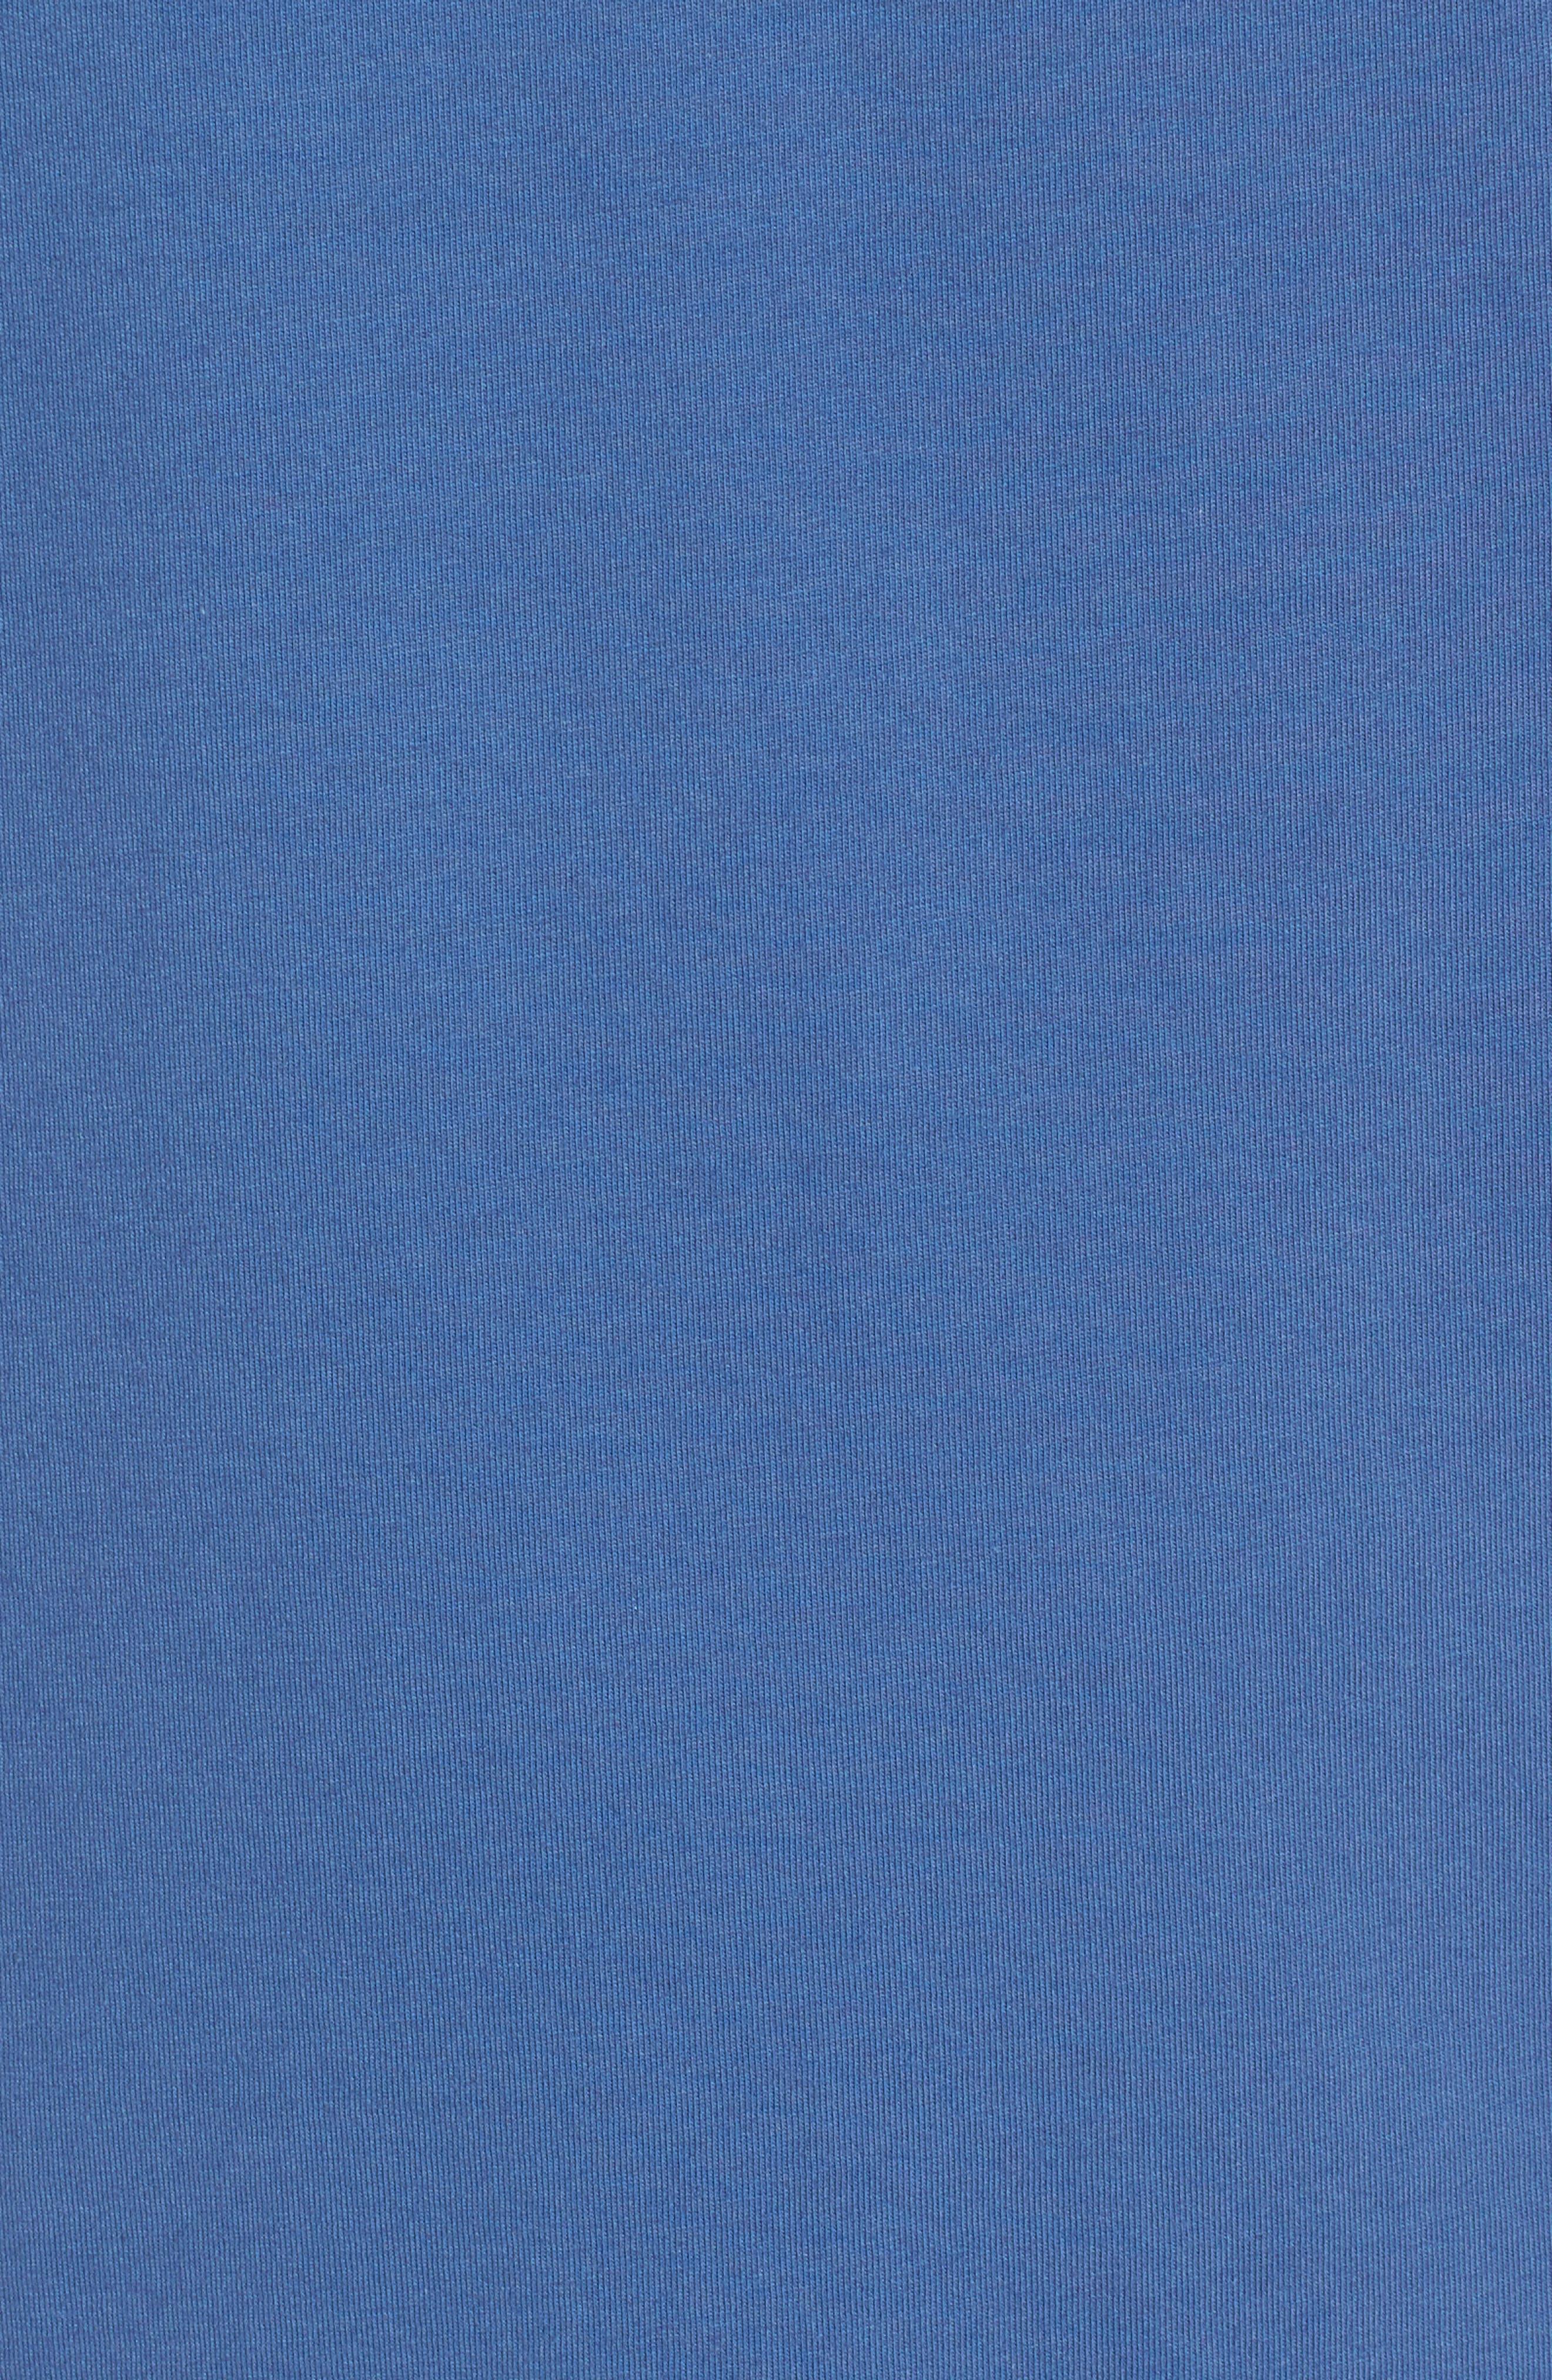 Sailfish Whale Line Graphic T-Shirt,                             Alternate thumbnail 5, color,                             461